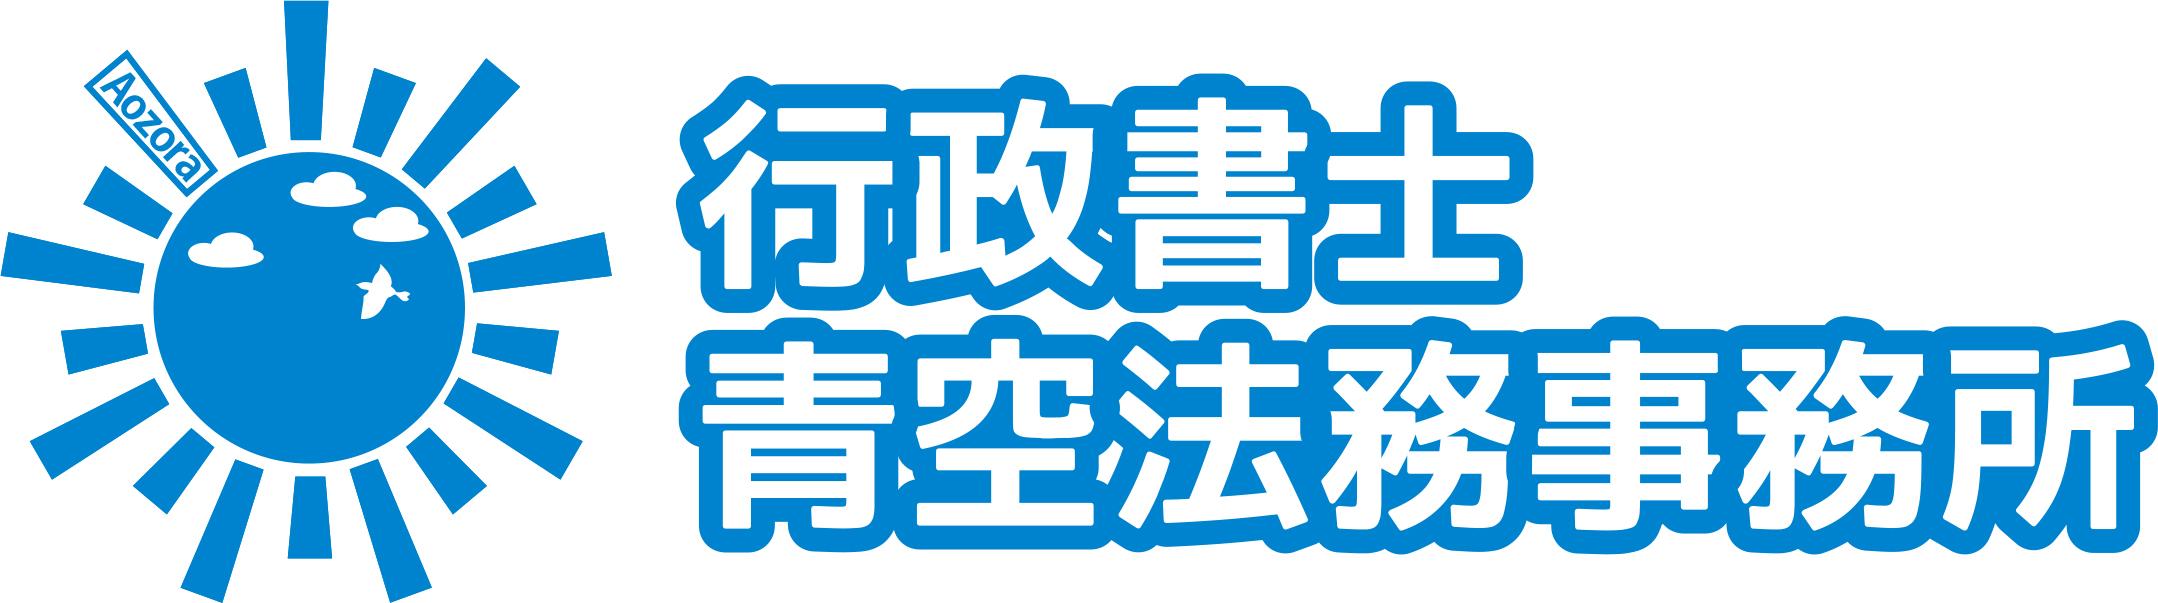 名古屋市名東区の行政書士事務所